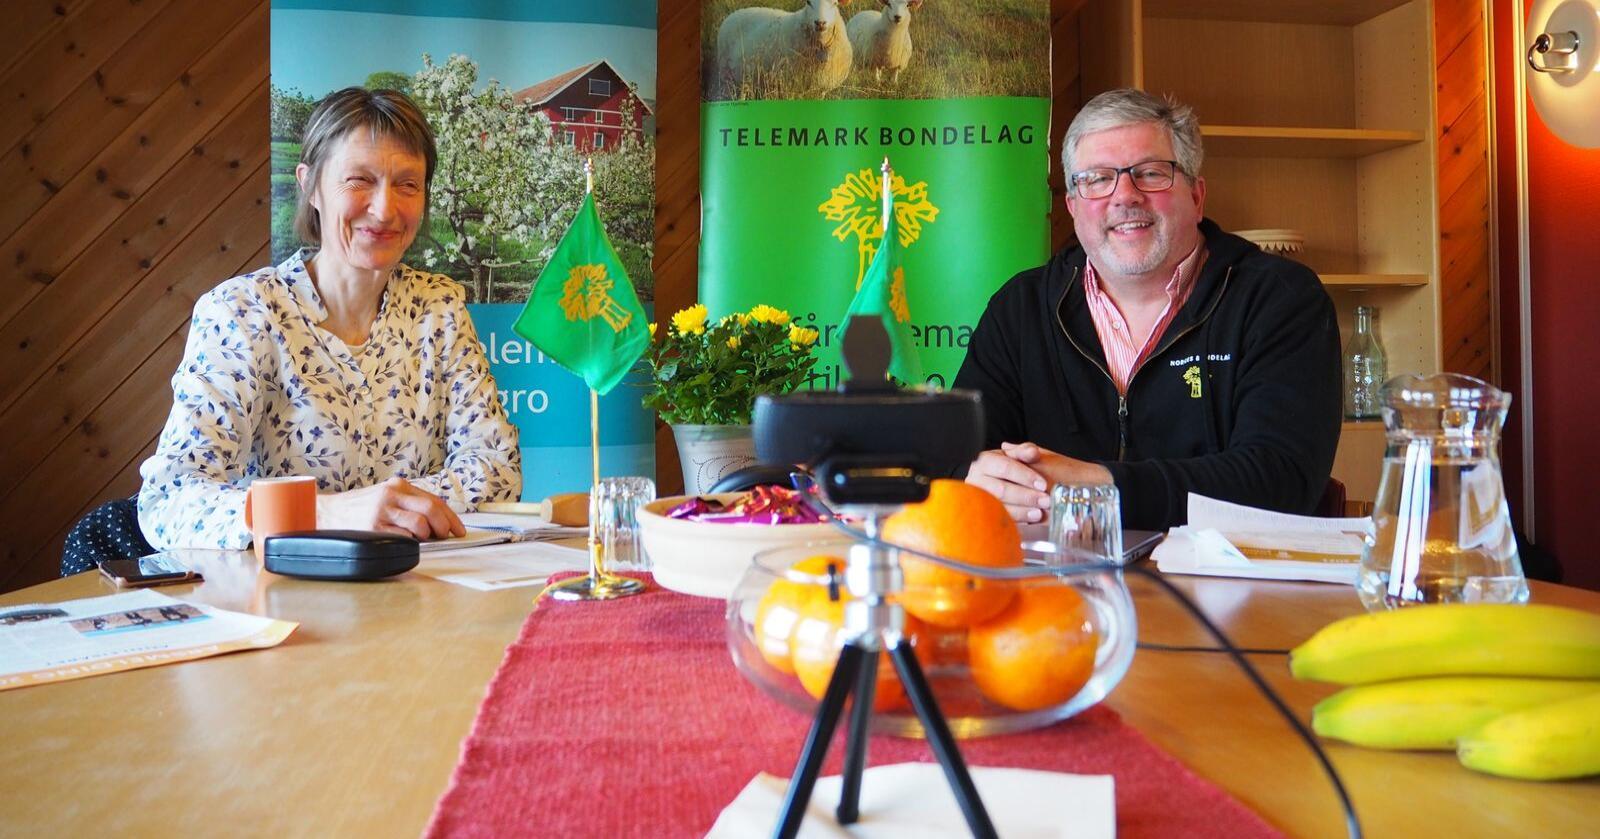 Aslak Snarteland er første fylkesleder i Vestfold og Telemark Bondelag. Her sammen med styremedlem Hege Gonsholt. (Foto: Vestfold og Telemark Bondelag)